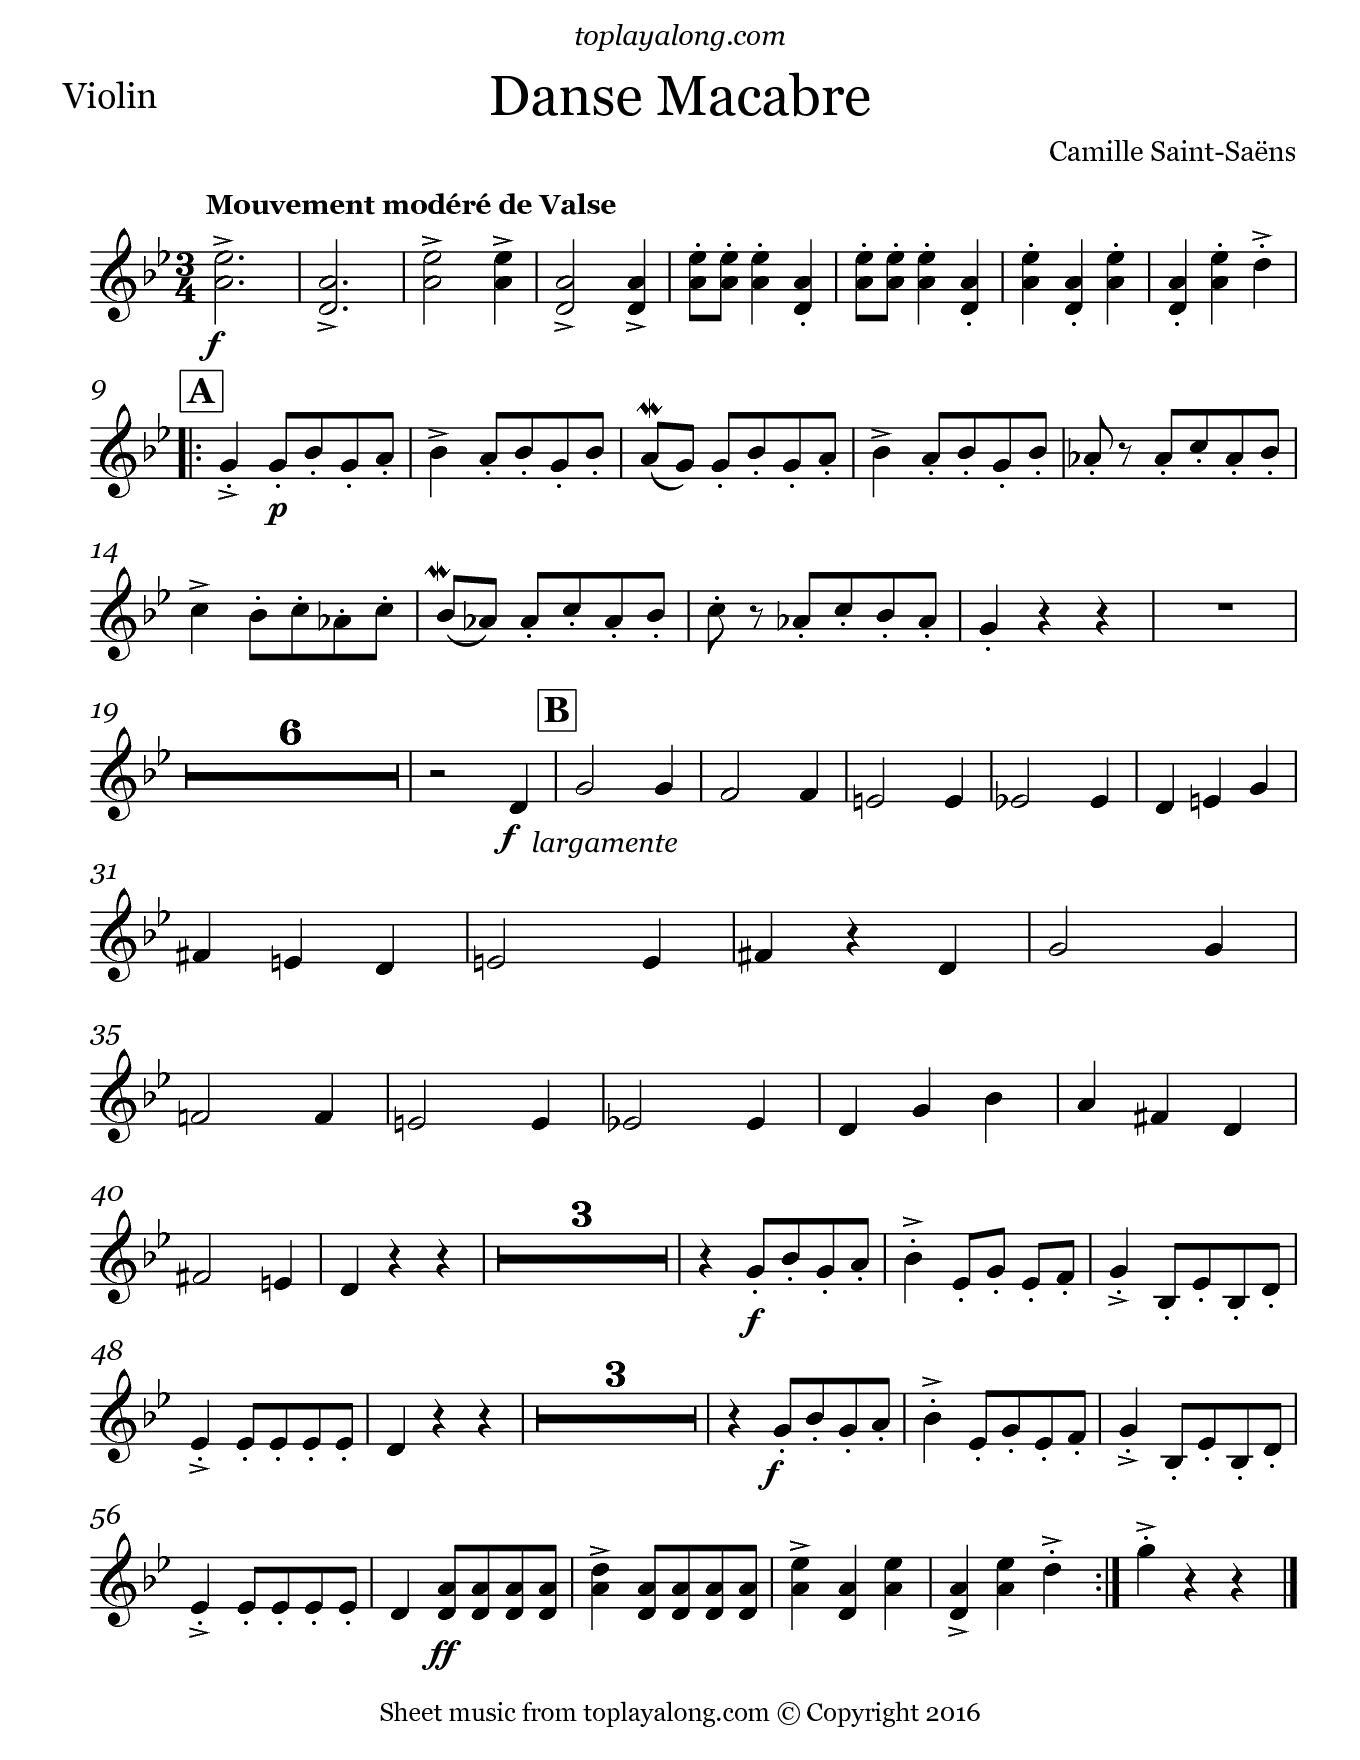 Danse Macabre by Saint Sa ns Free sheet music for violin Visit toplayalong